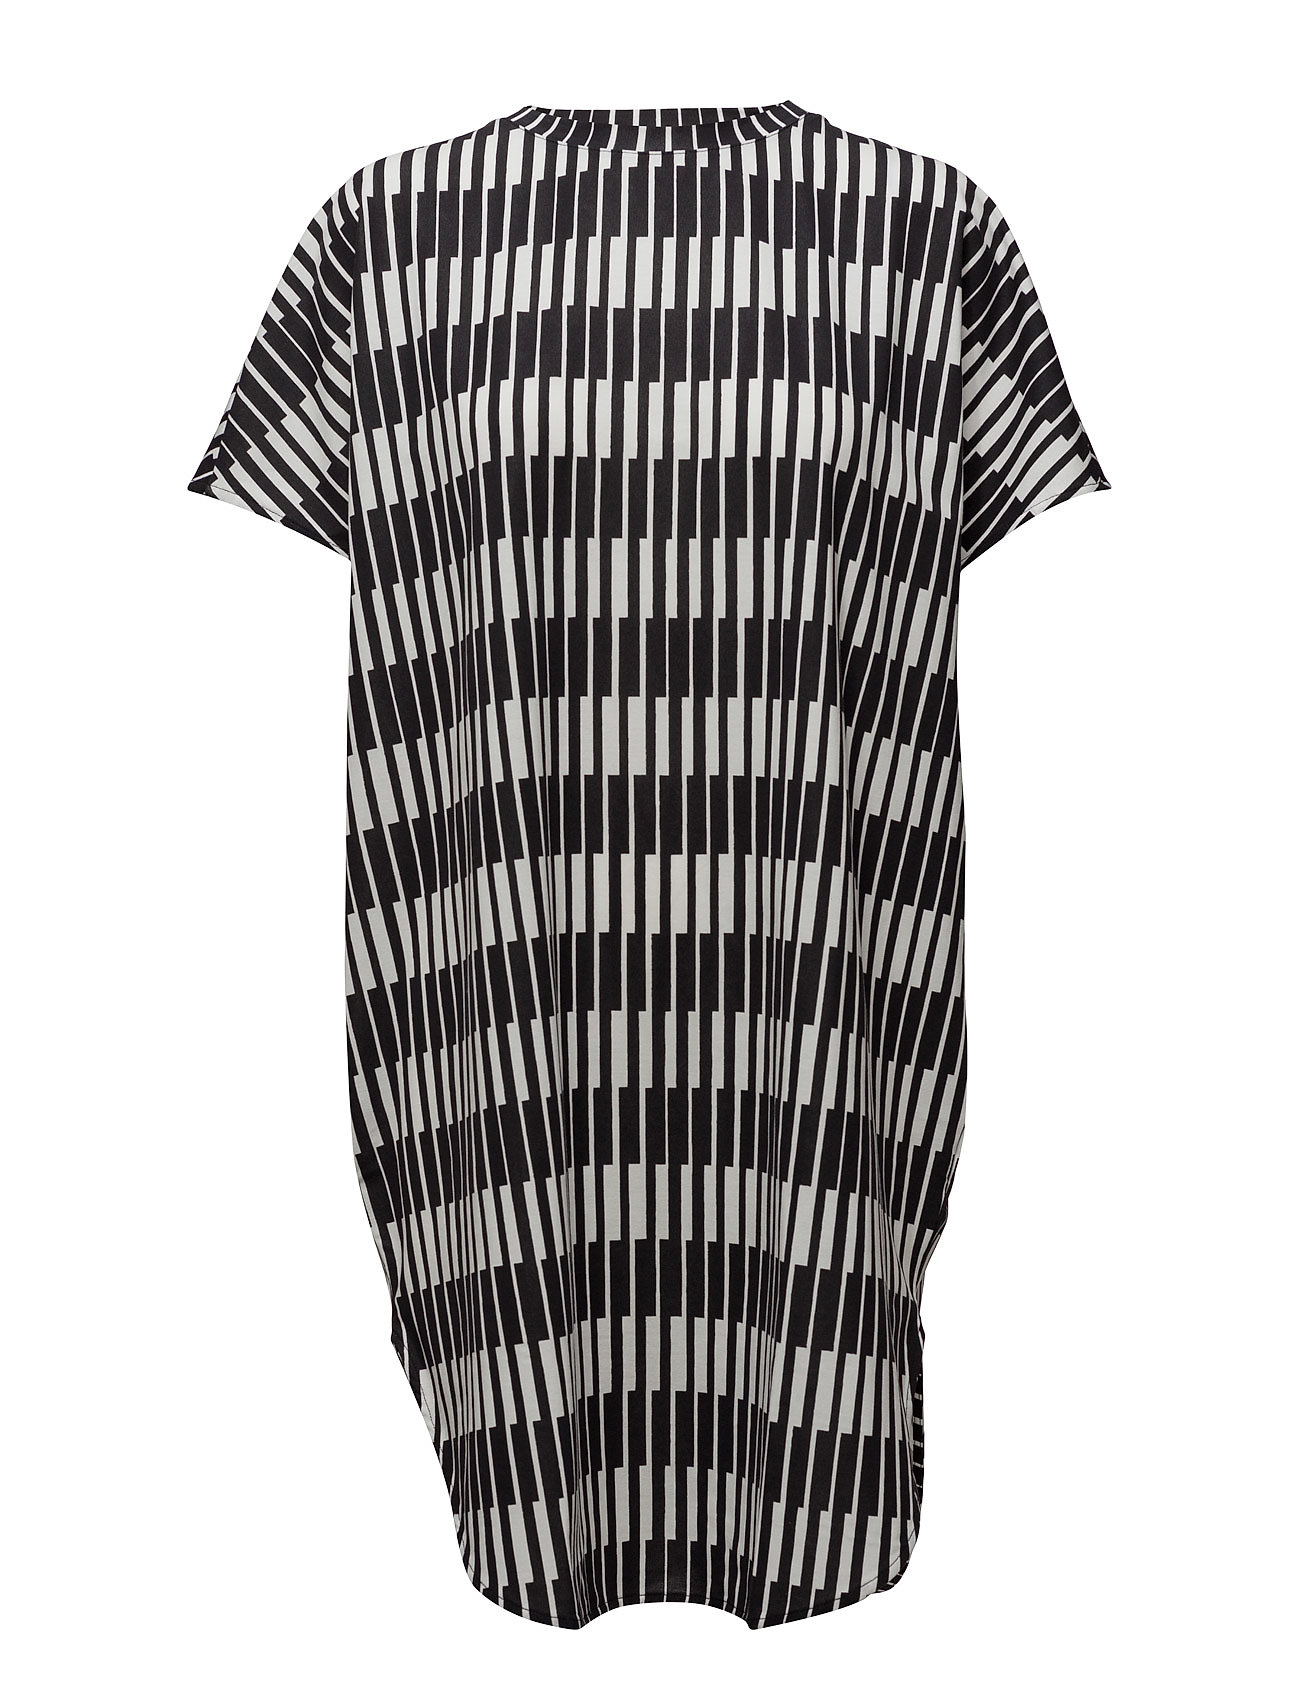 Katariina Mini Taite Marimekko Korte kjoler til Damer i Hvid sort